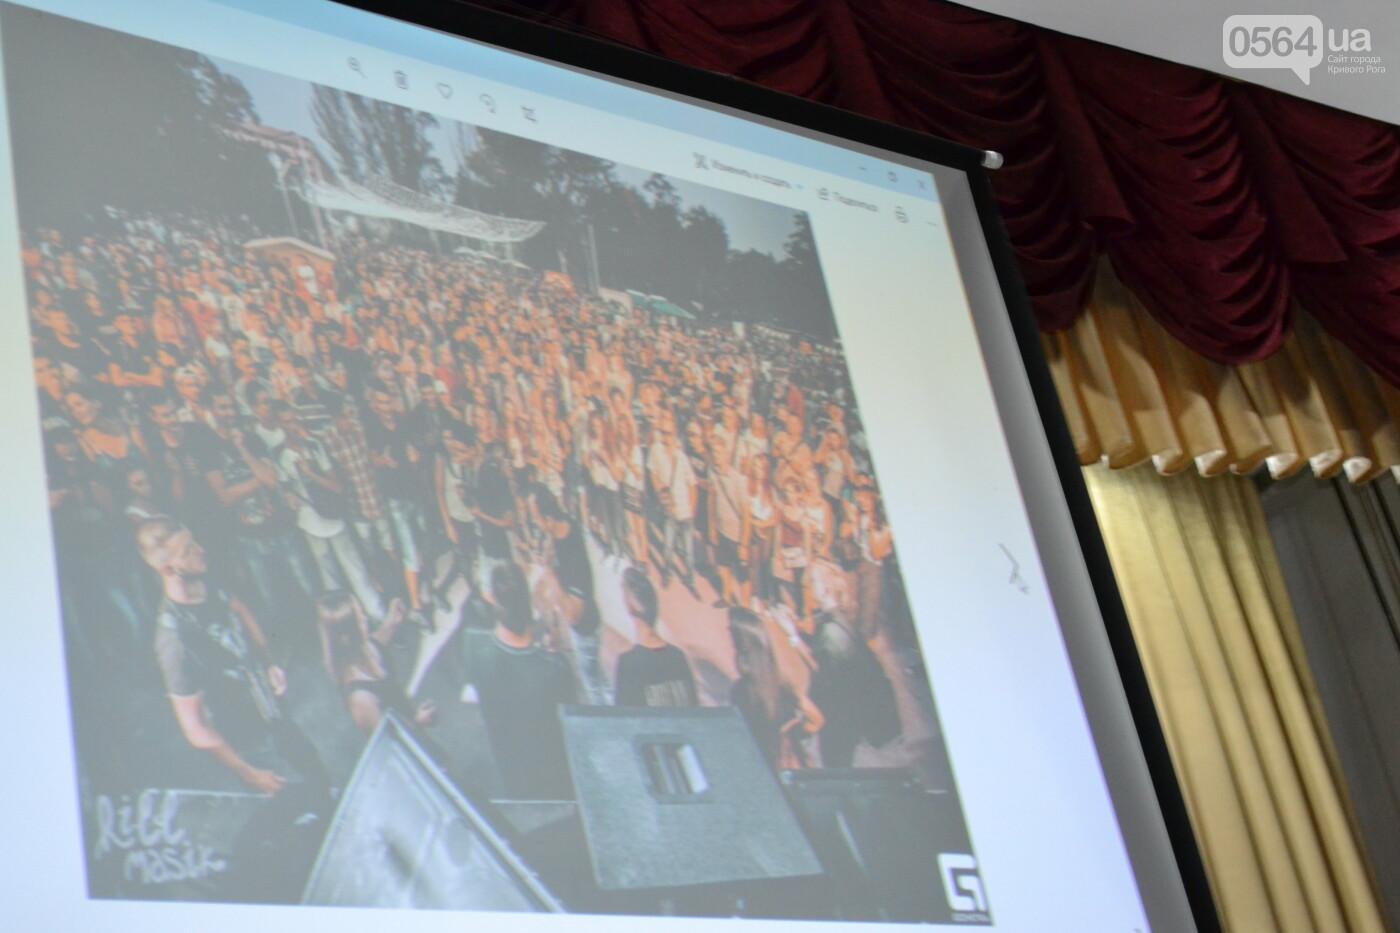 """""""Ти можеш все!"""": криворізькі музиканти, журналісти і активісти зустрілися з сільською молоддю, - ФОТО, ВІДЕО, фото-33"""